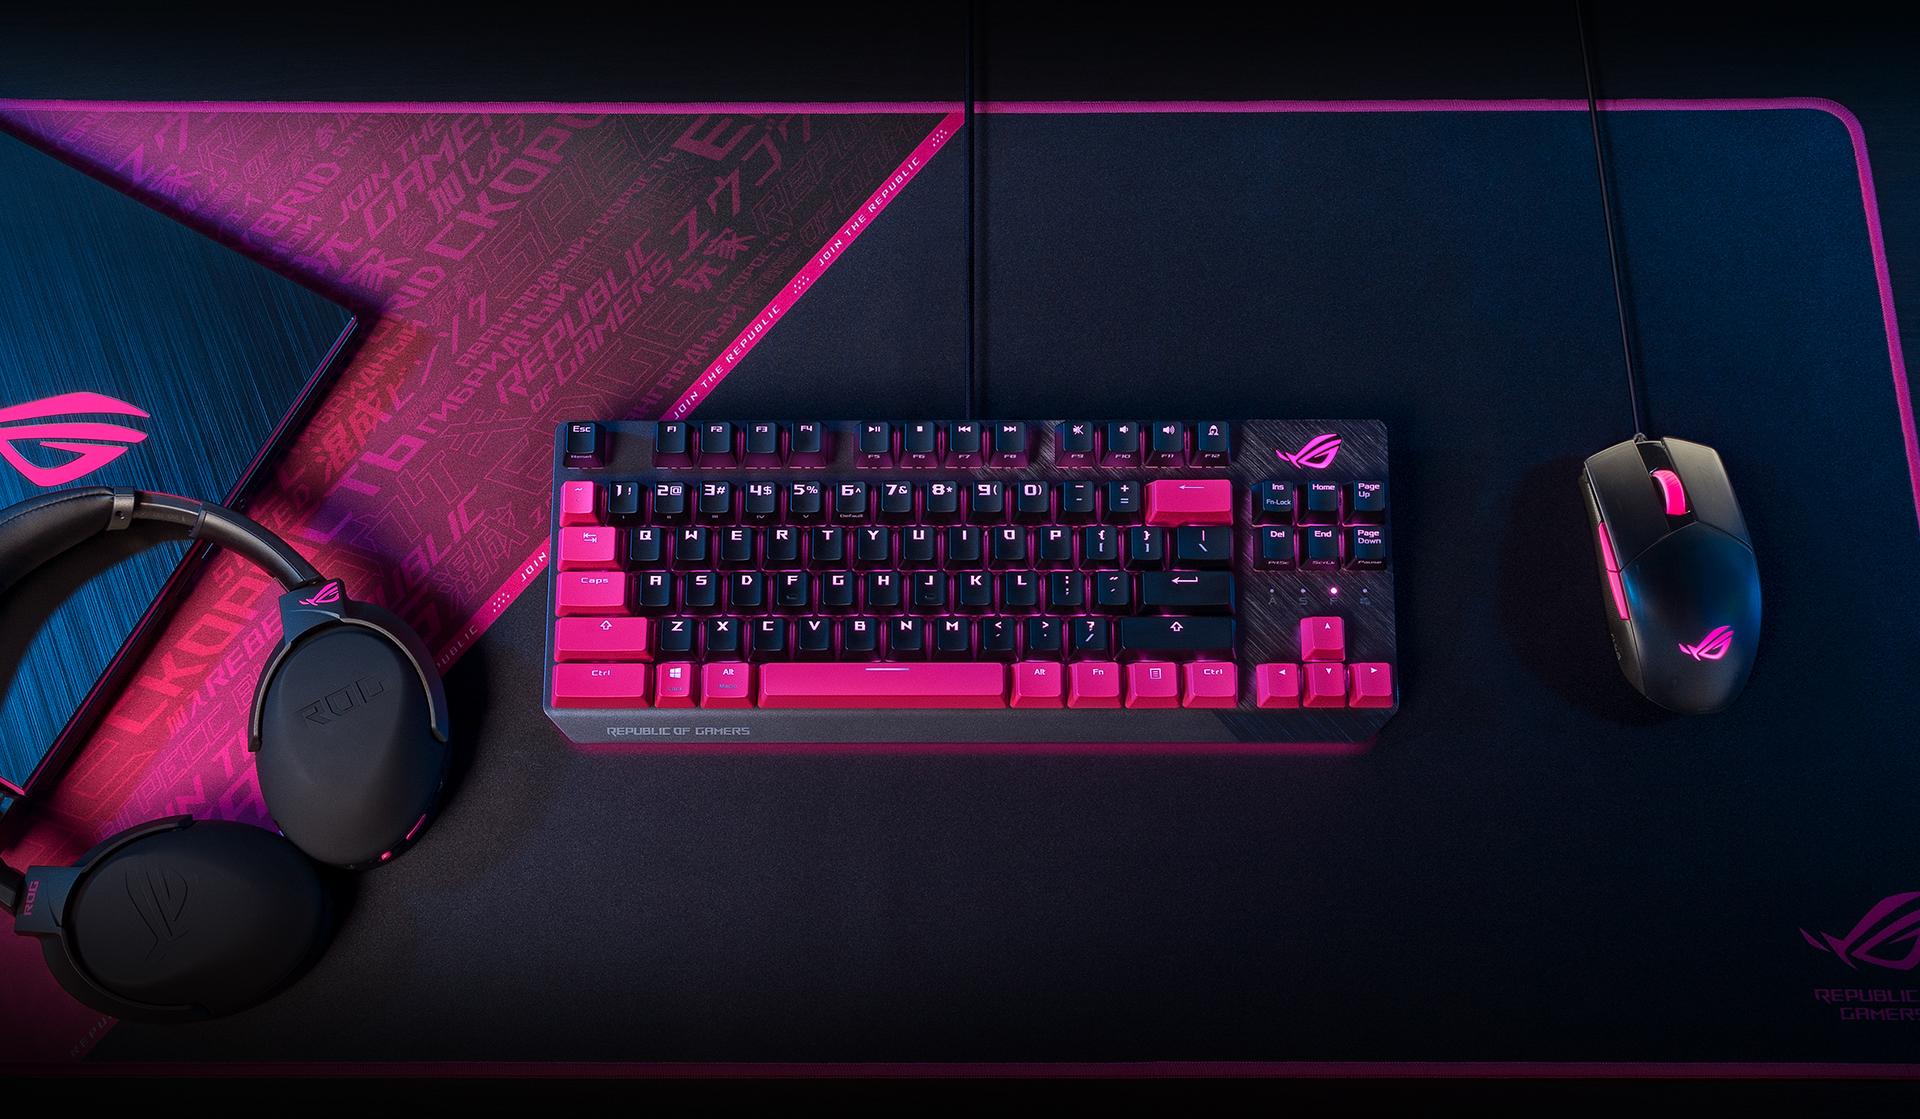 Thiết kế của Bàn phím Asus ROG Strix Scope TKL Electro Punk (USB/RGB/Red sw)